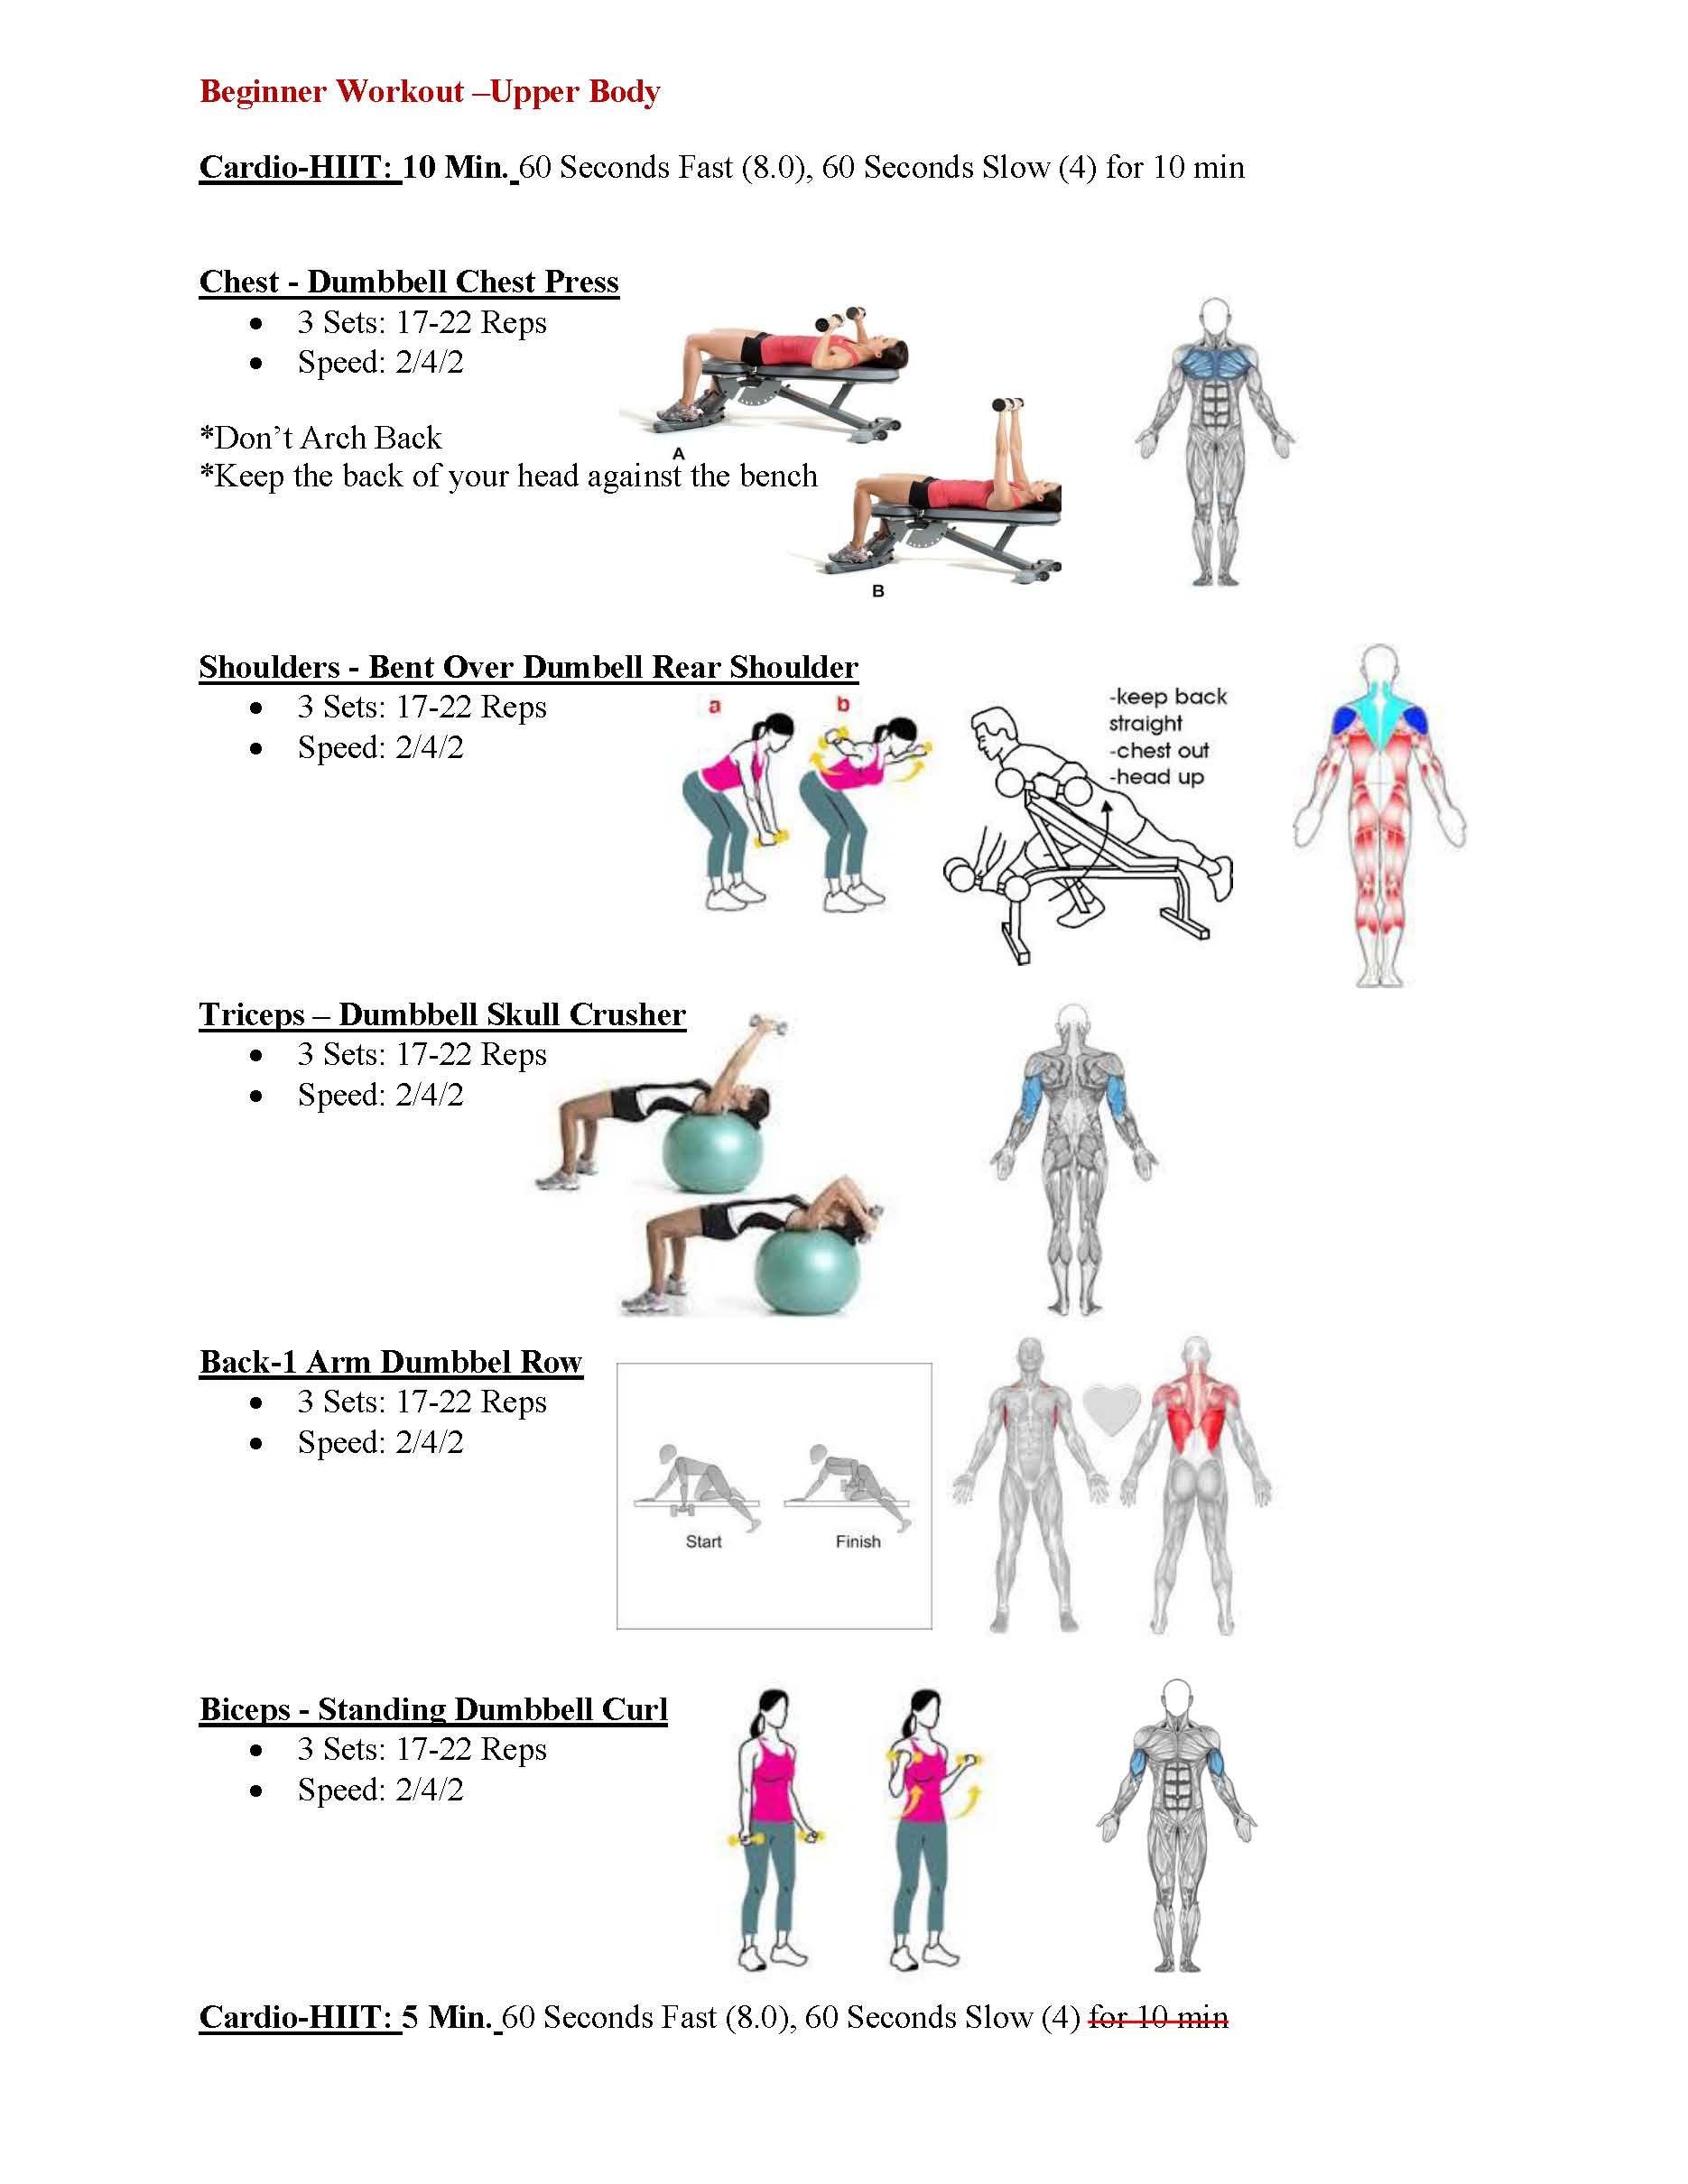 Beginner Upper Body Workout 1 1hr Beginner Upper Body Workout